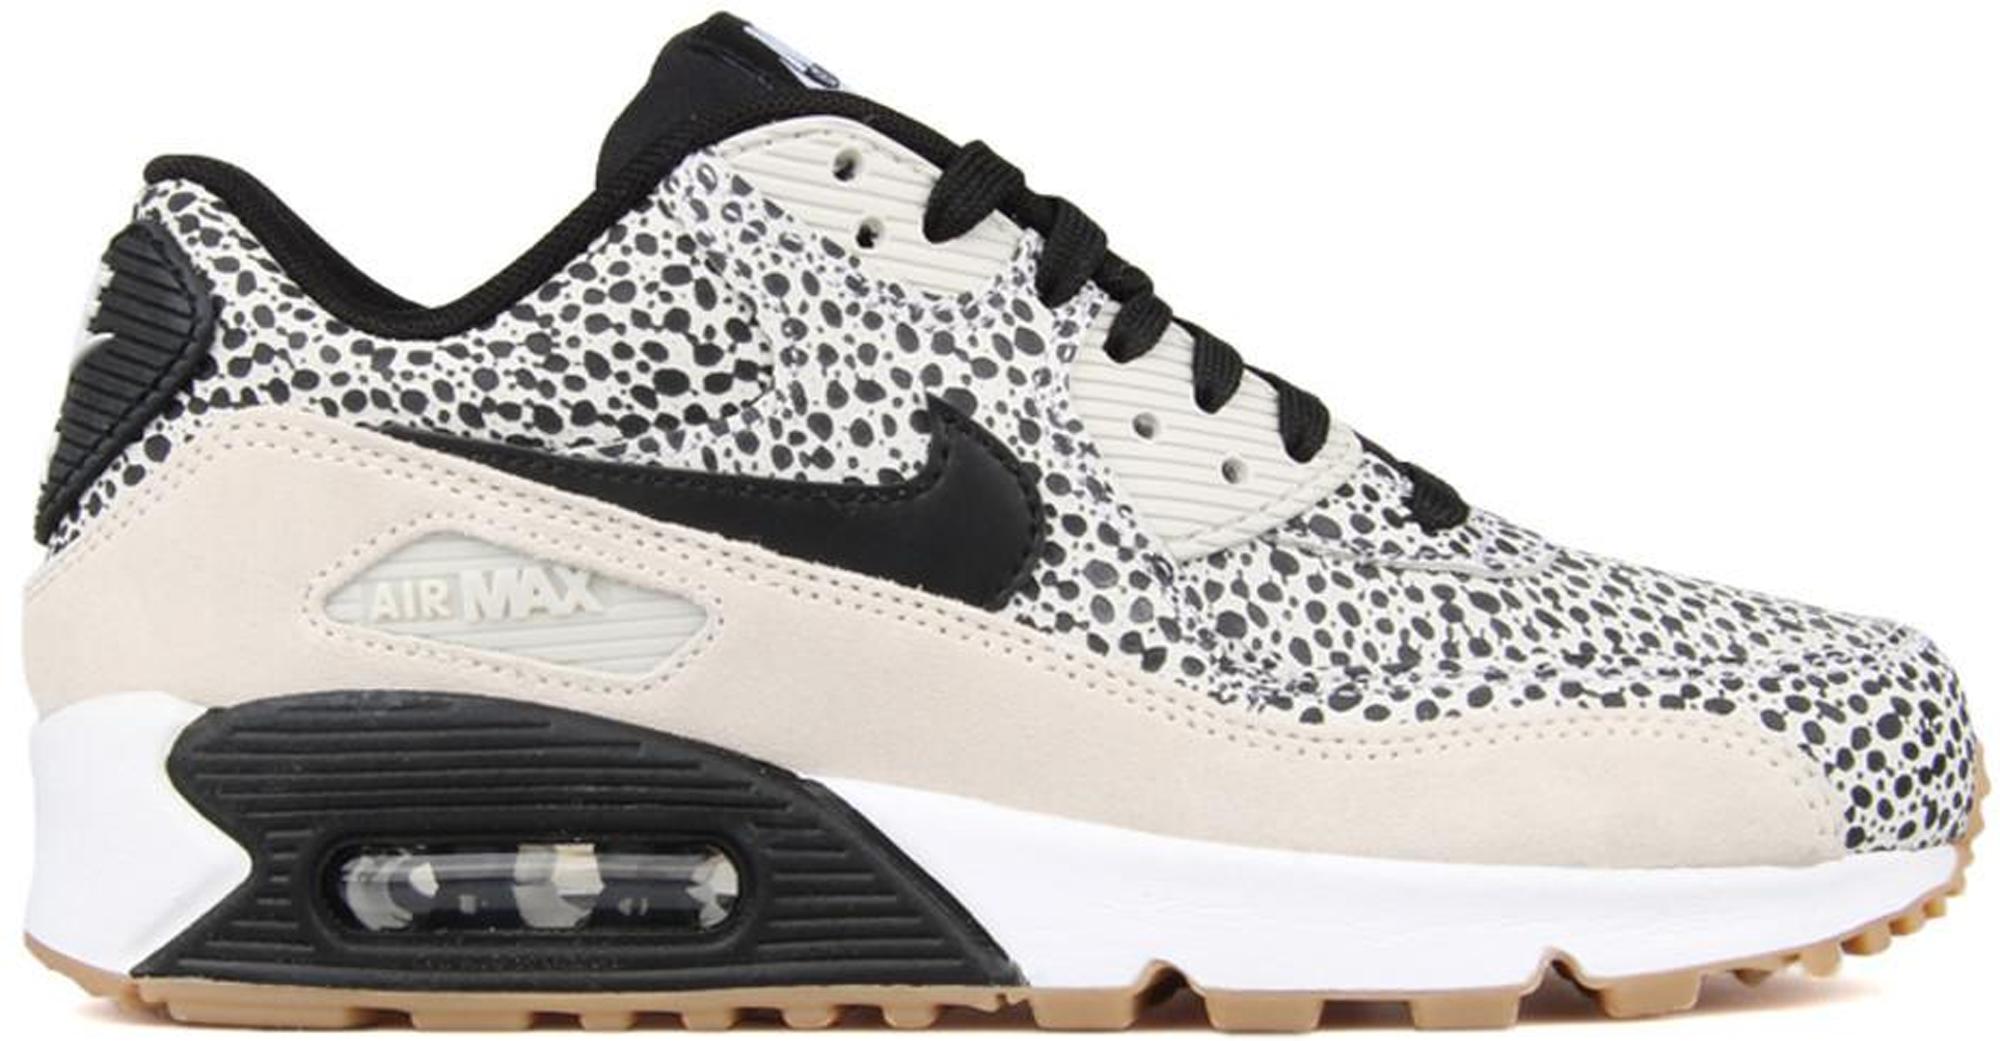 Nike Air Max 90 Safari Black Gum Brown | SneakerFiles